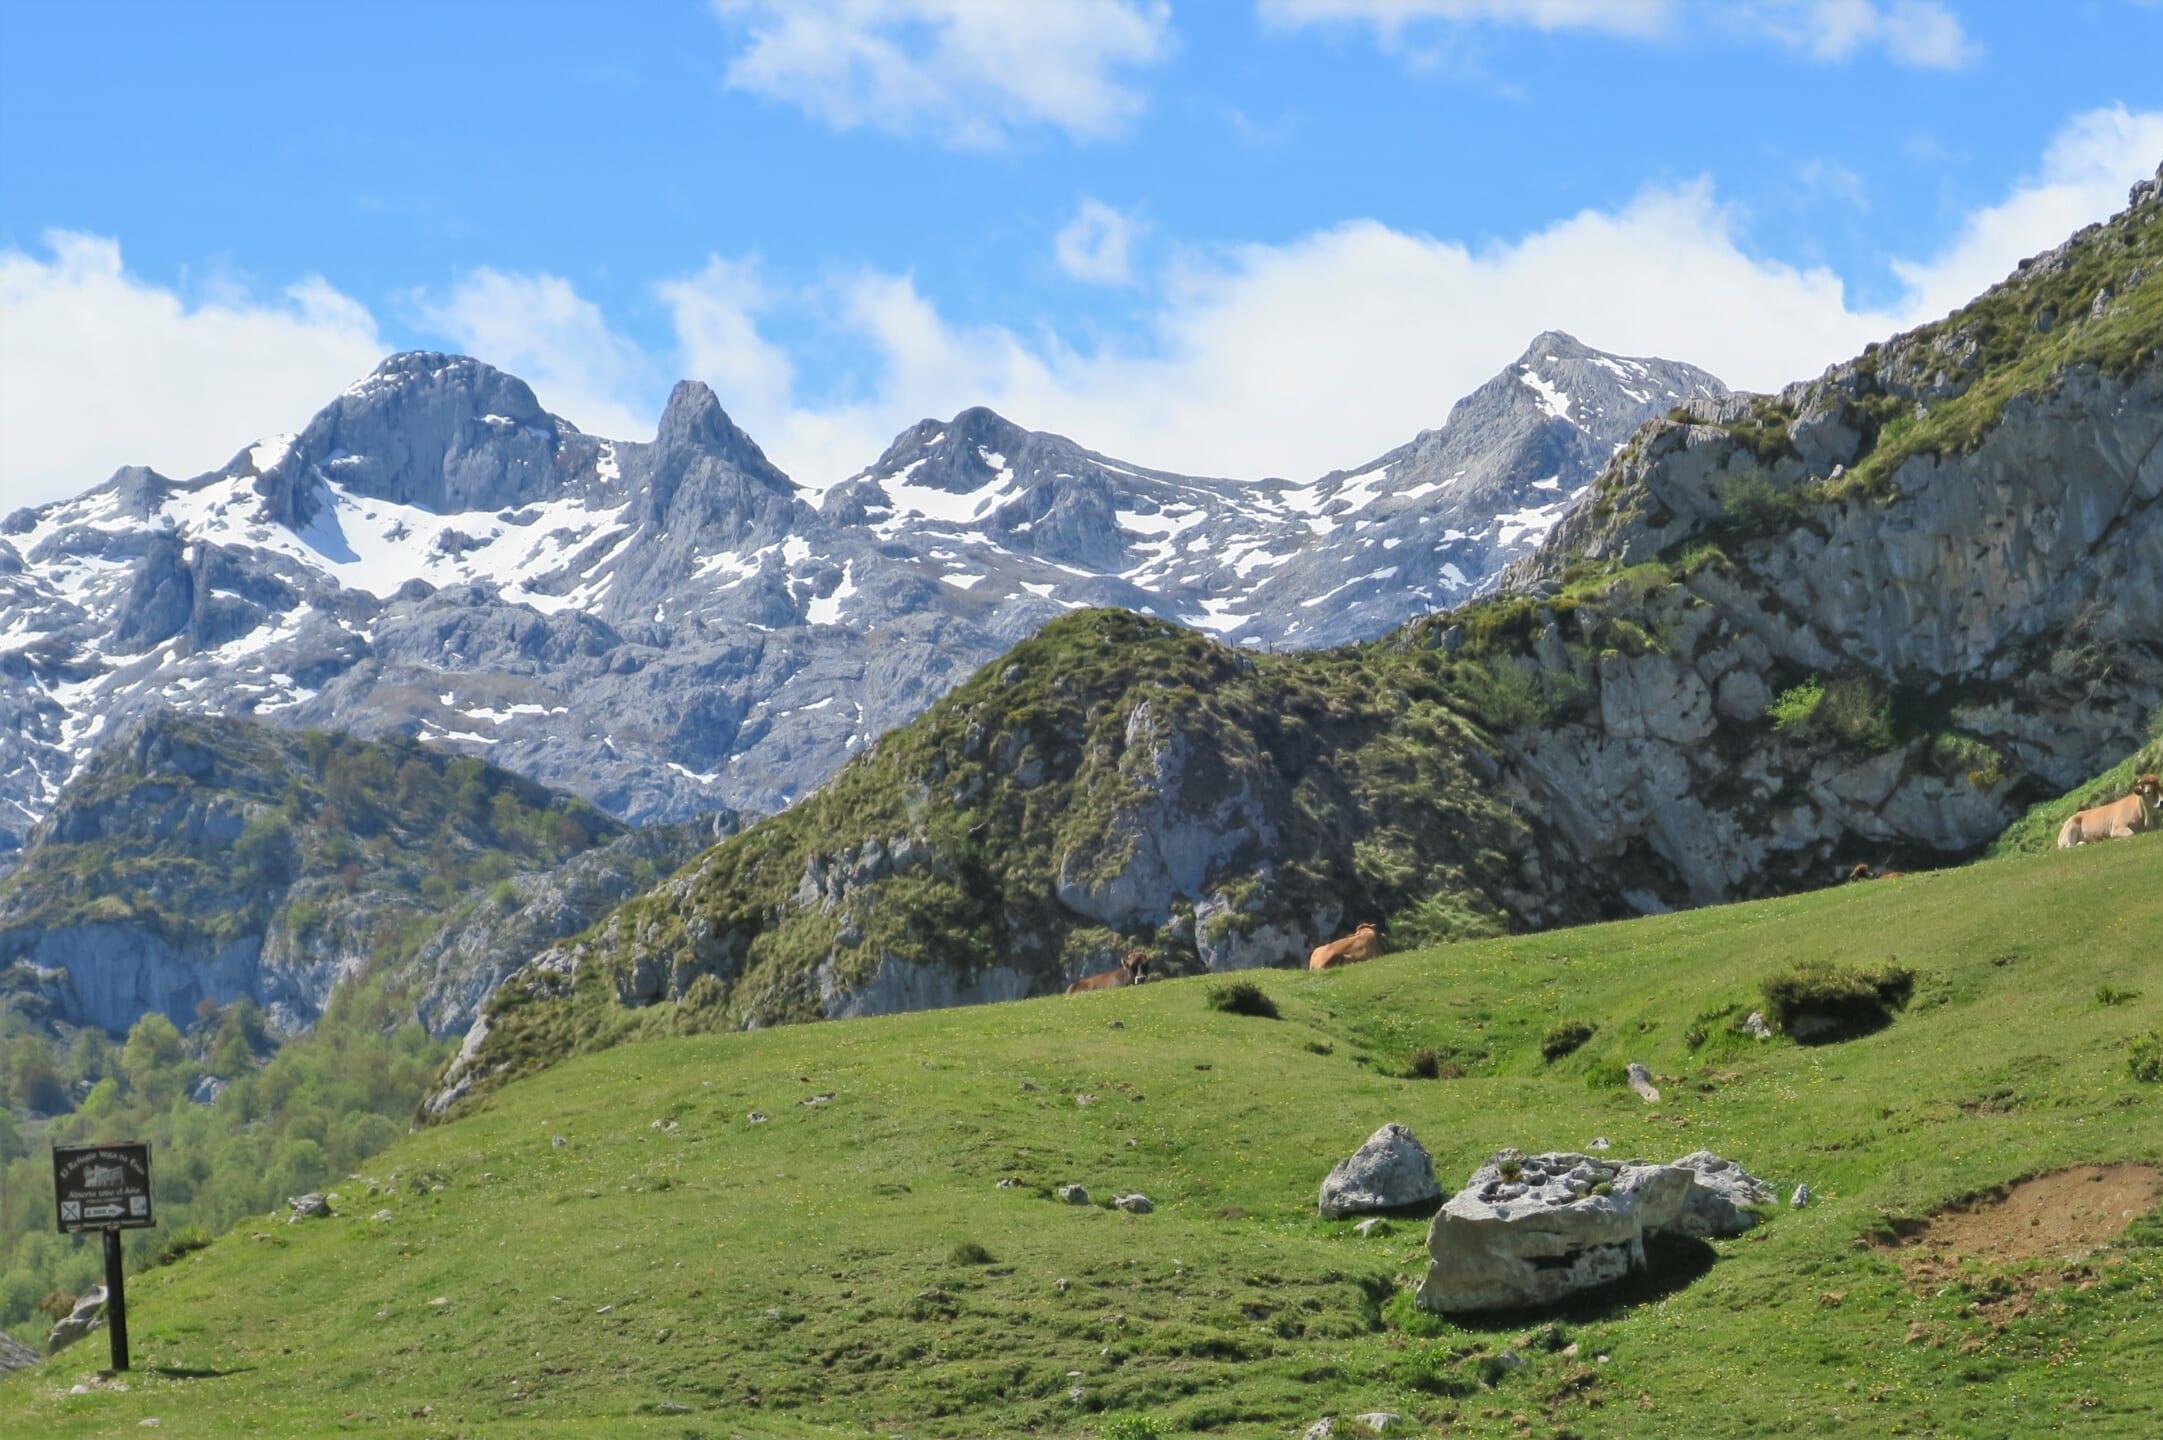 北スペインの観光地であるピコス・デ・エウロパ国立公園